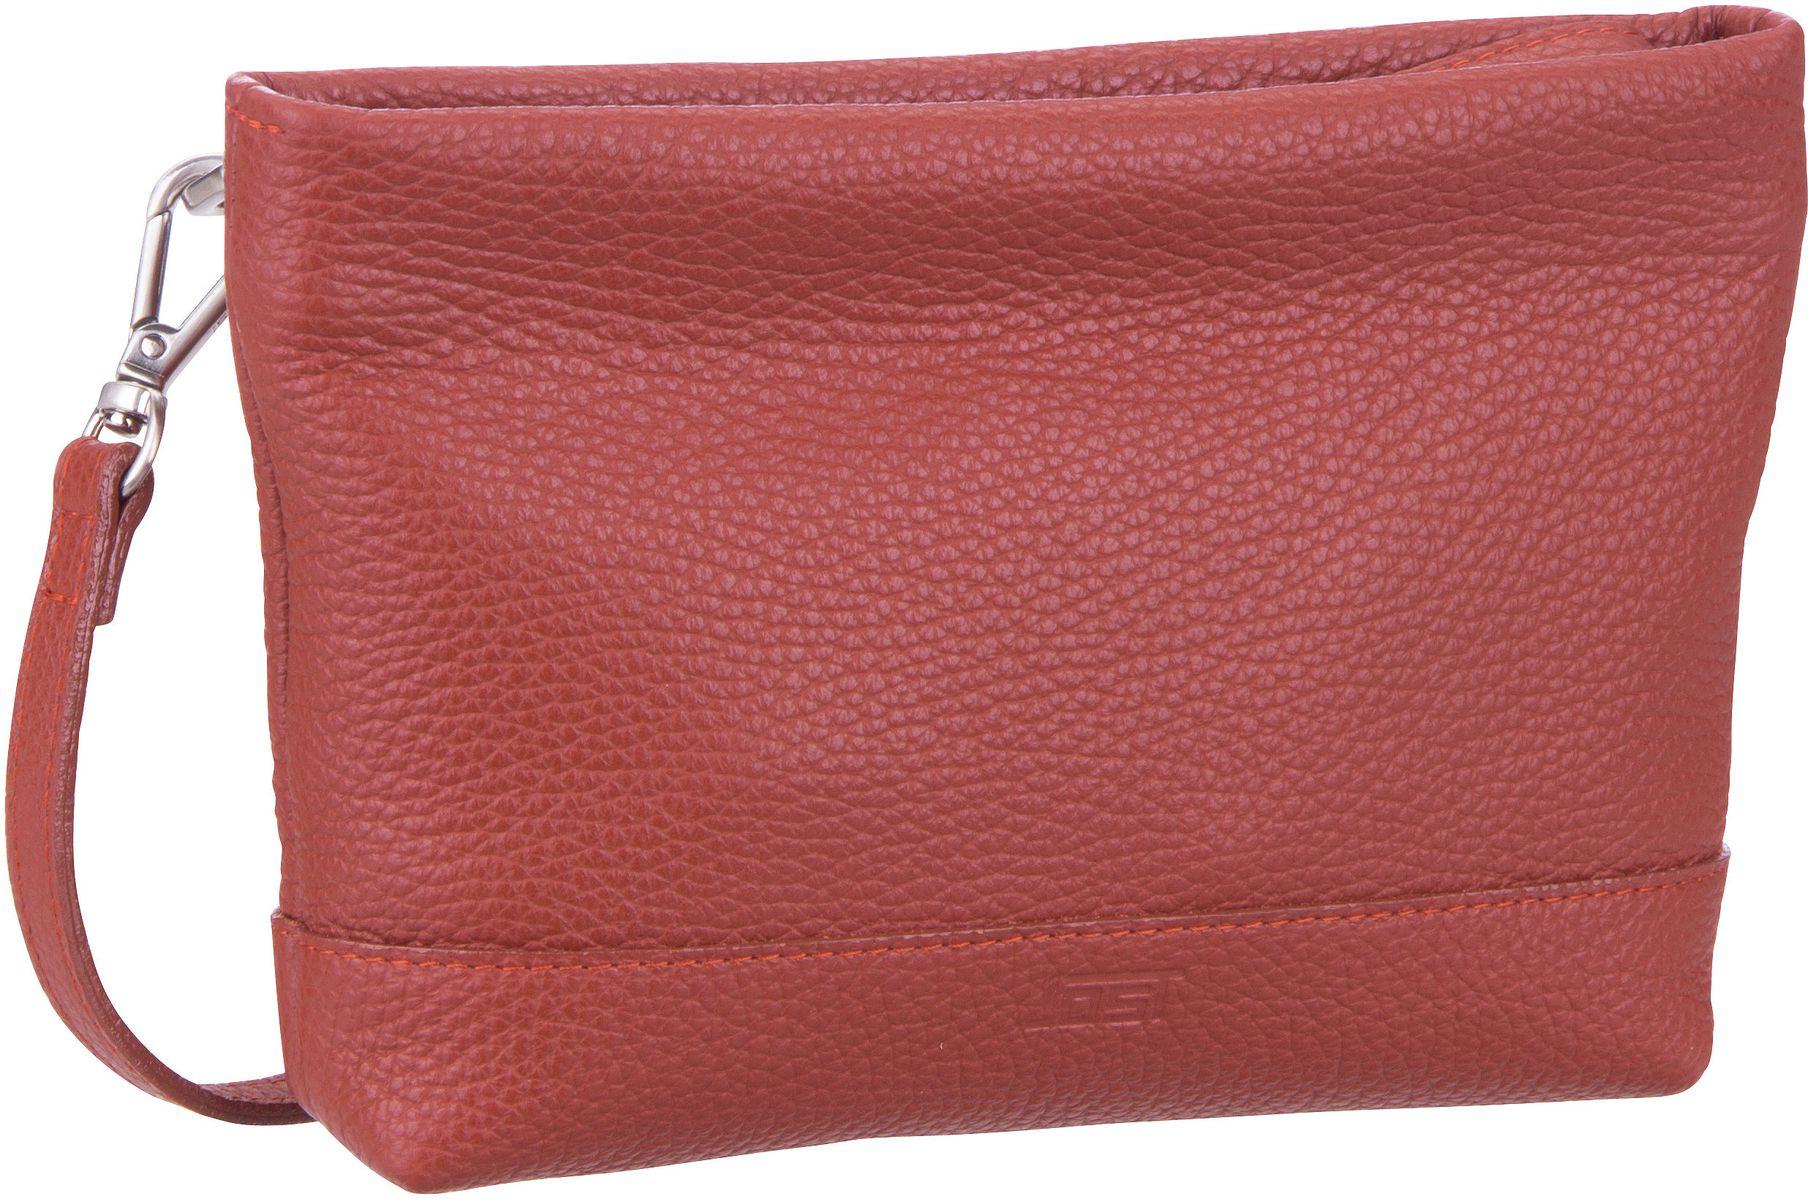 Umhängetasche Vika 1824 Belt/Shoulder Bag k